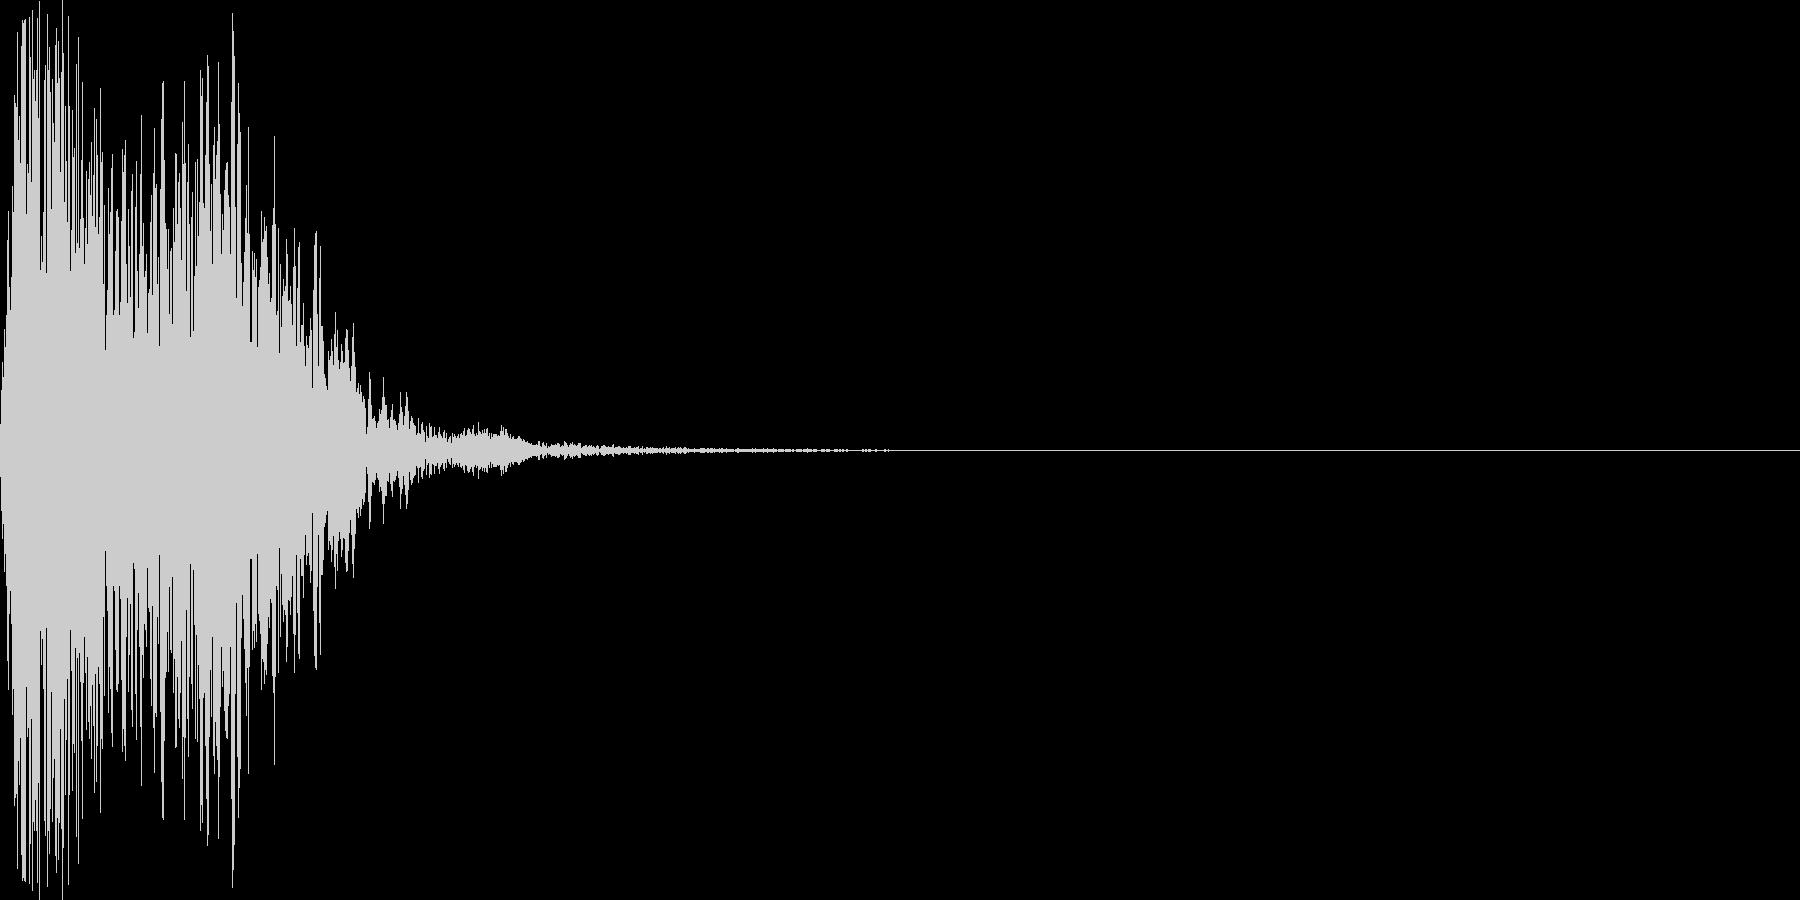 剣や斧などの武器を振る音の未再生の波形